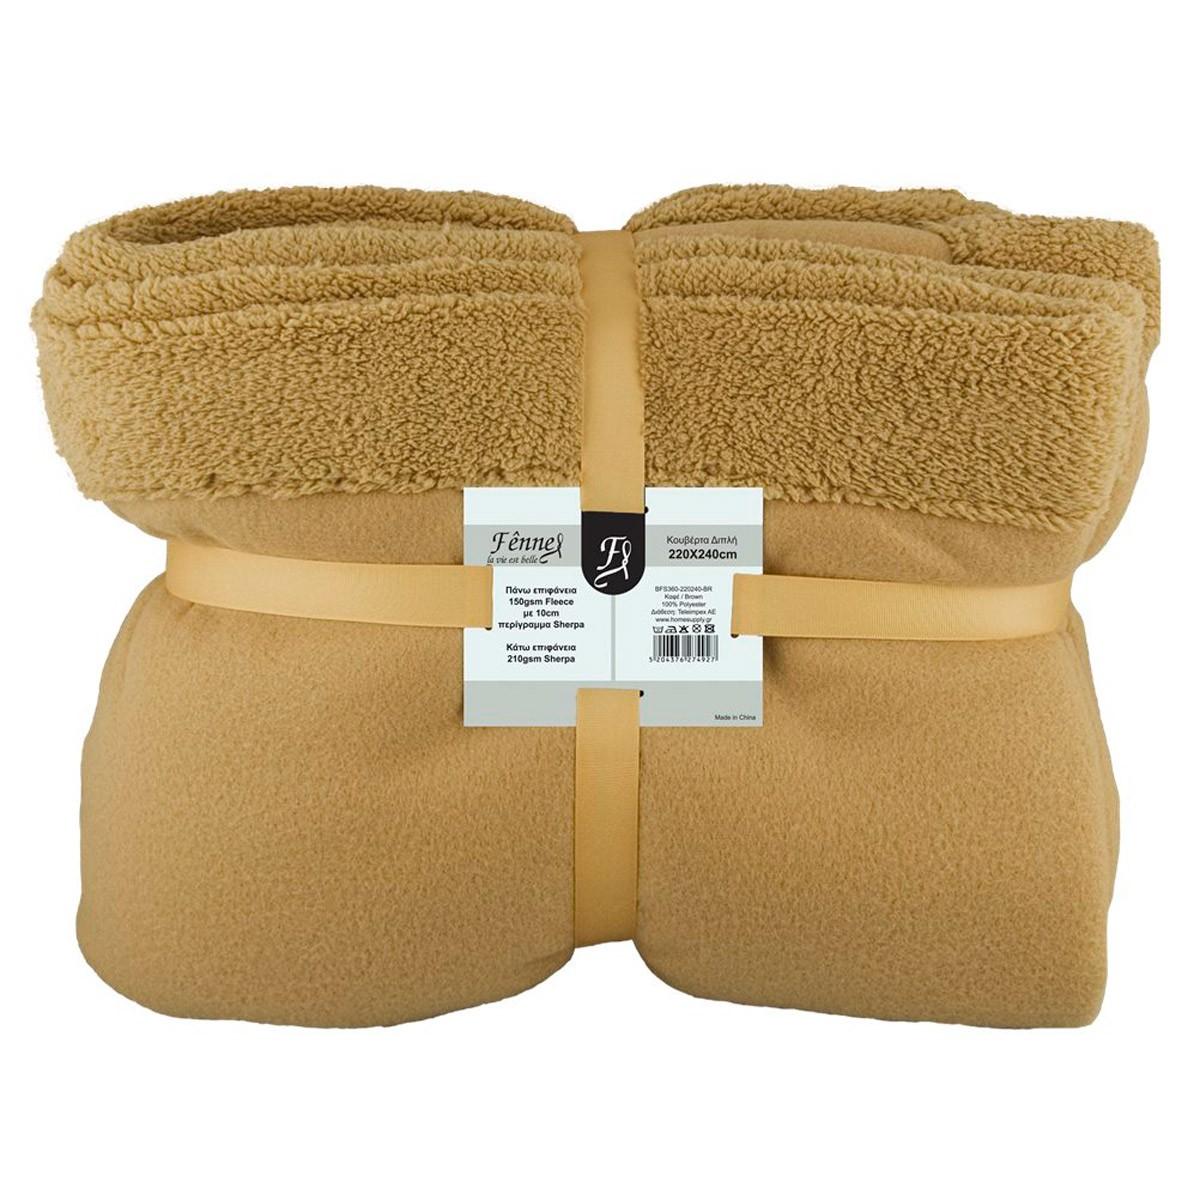 Κουβέρτα Fleece Υπέρδιπλη Fennel BFS360 Camel Brown